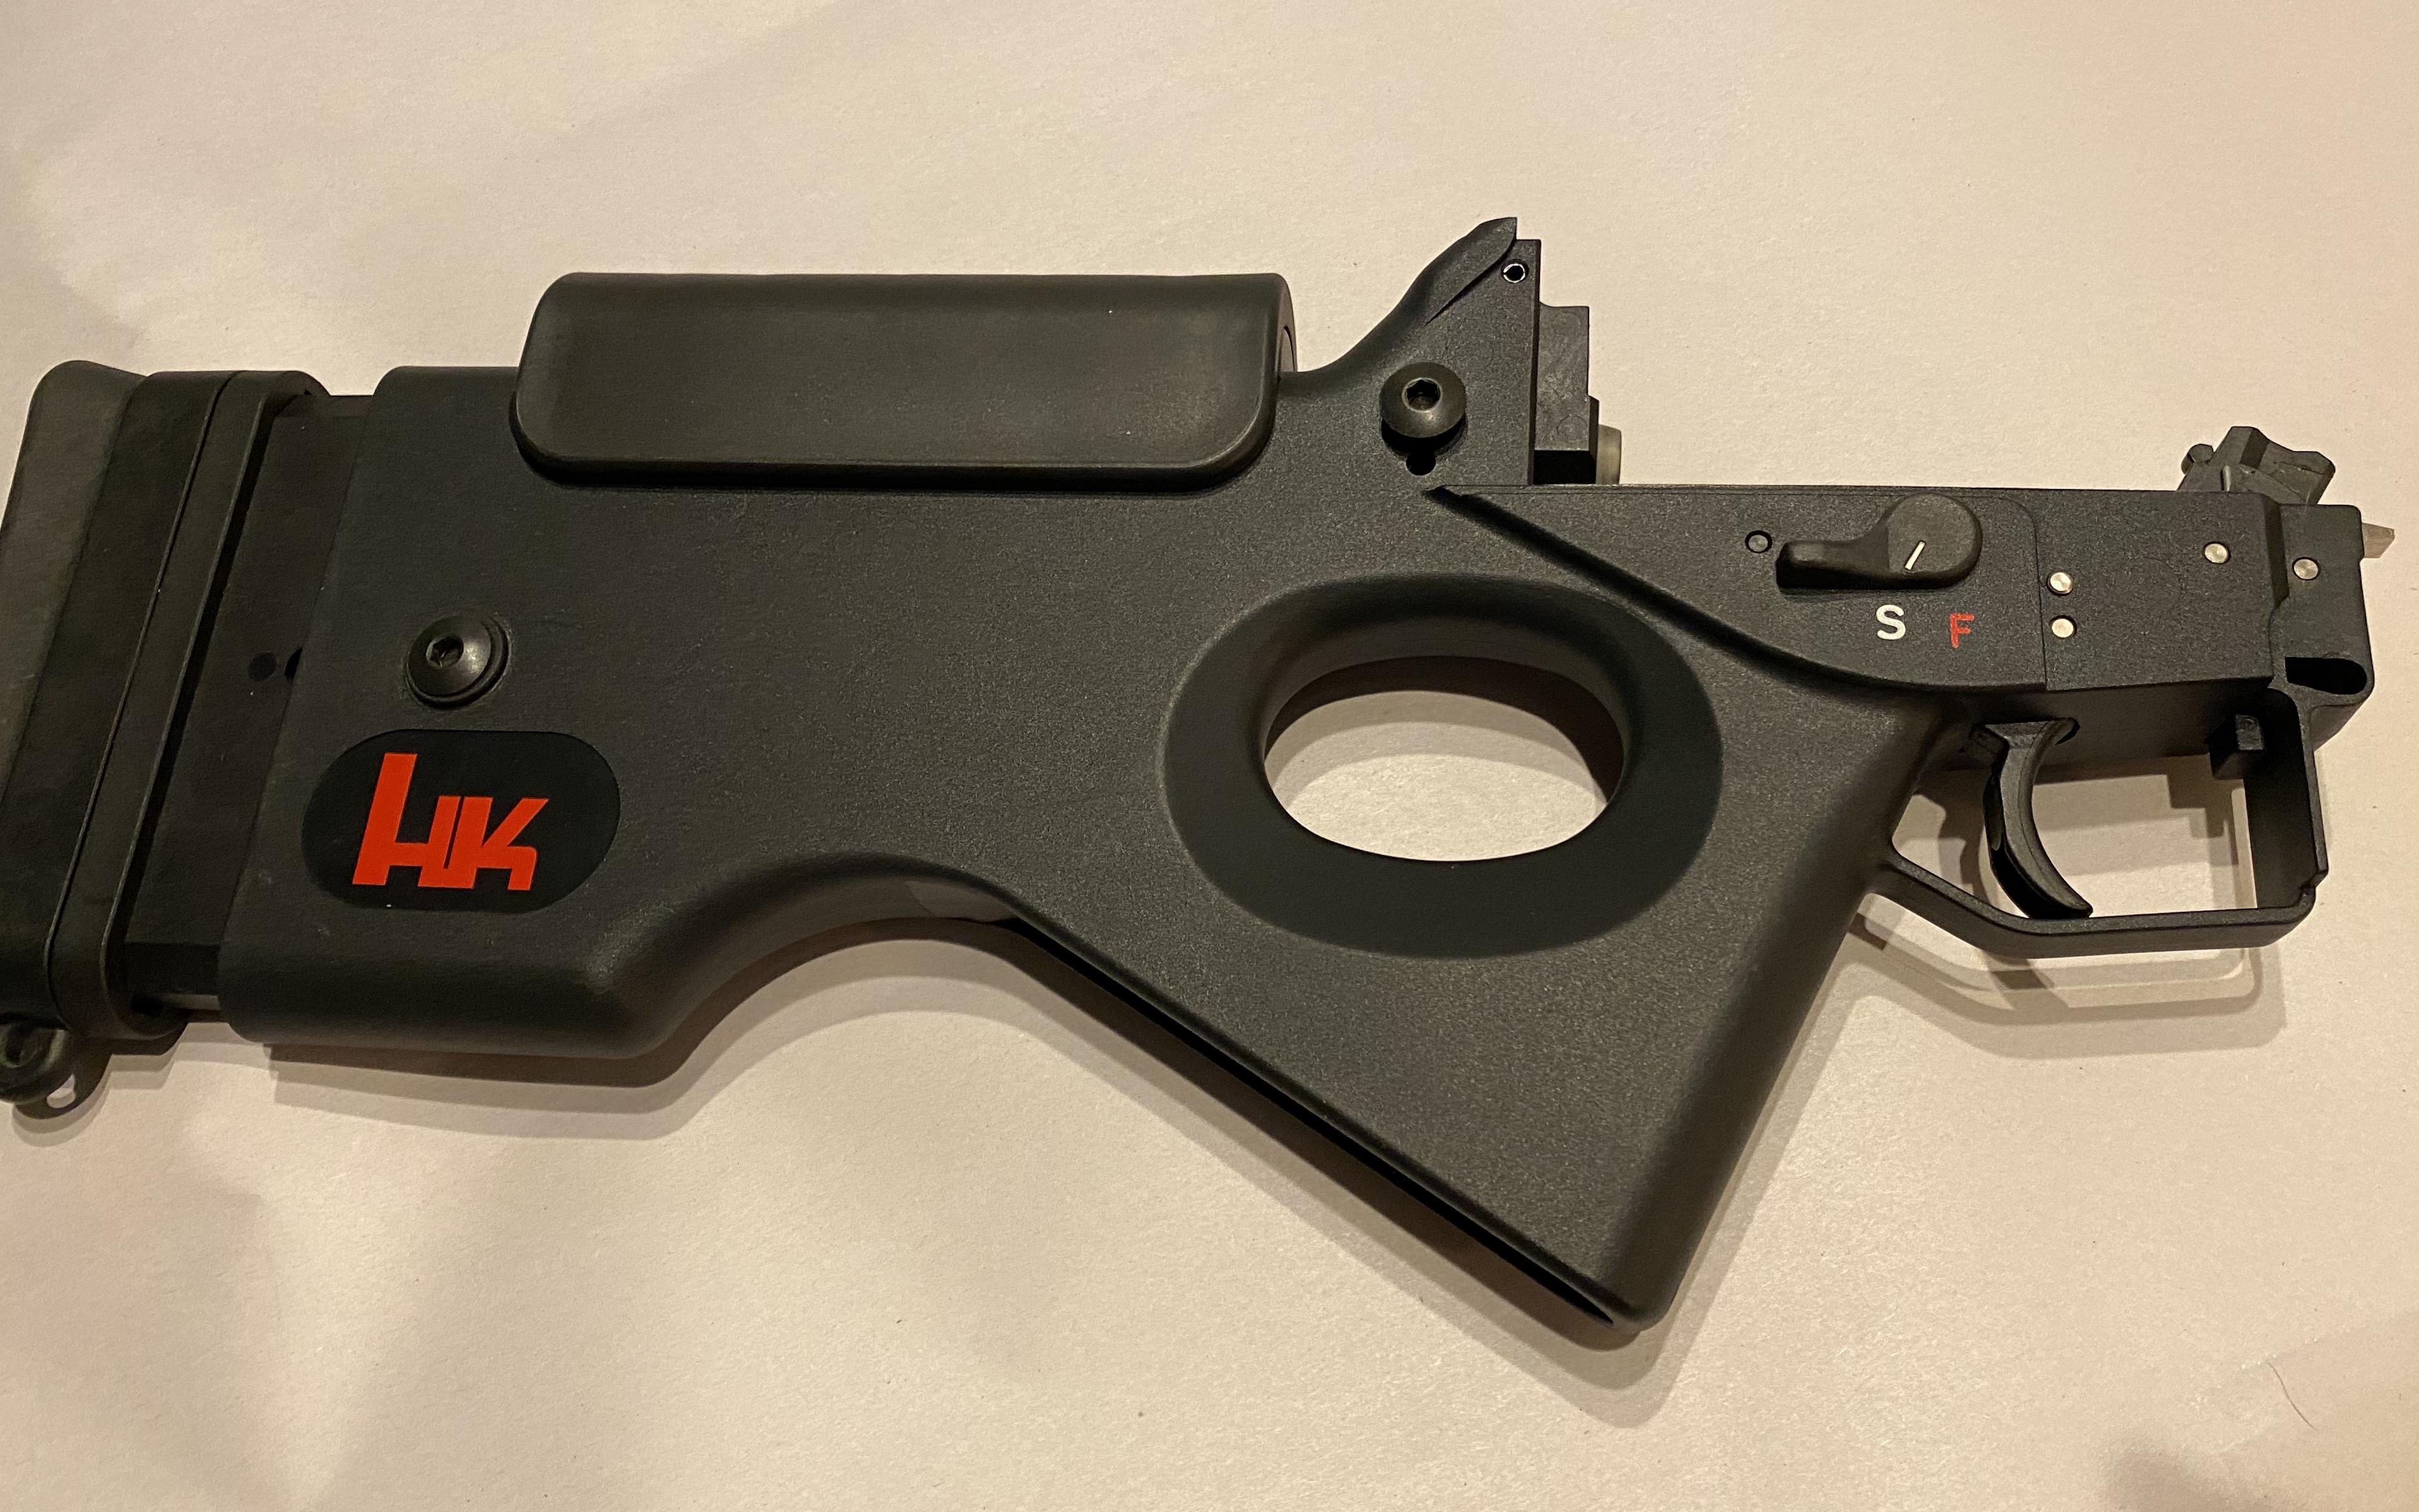 WTS: Parts list-G36E/K handguards, sight rails, G28 FH, MR556/416 stock/grip, VP9/P30-0079c9e3-4335-4c29-b52e-6f7b0f19ca29.jpeg